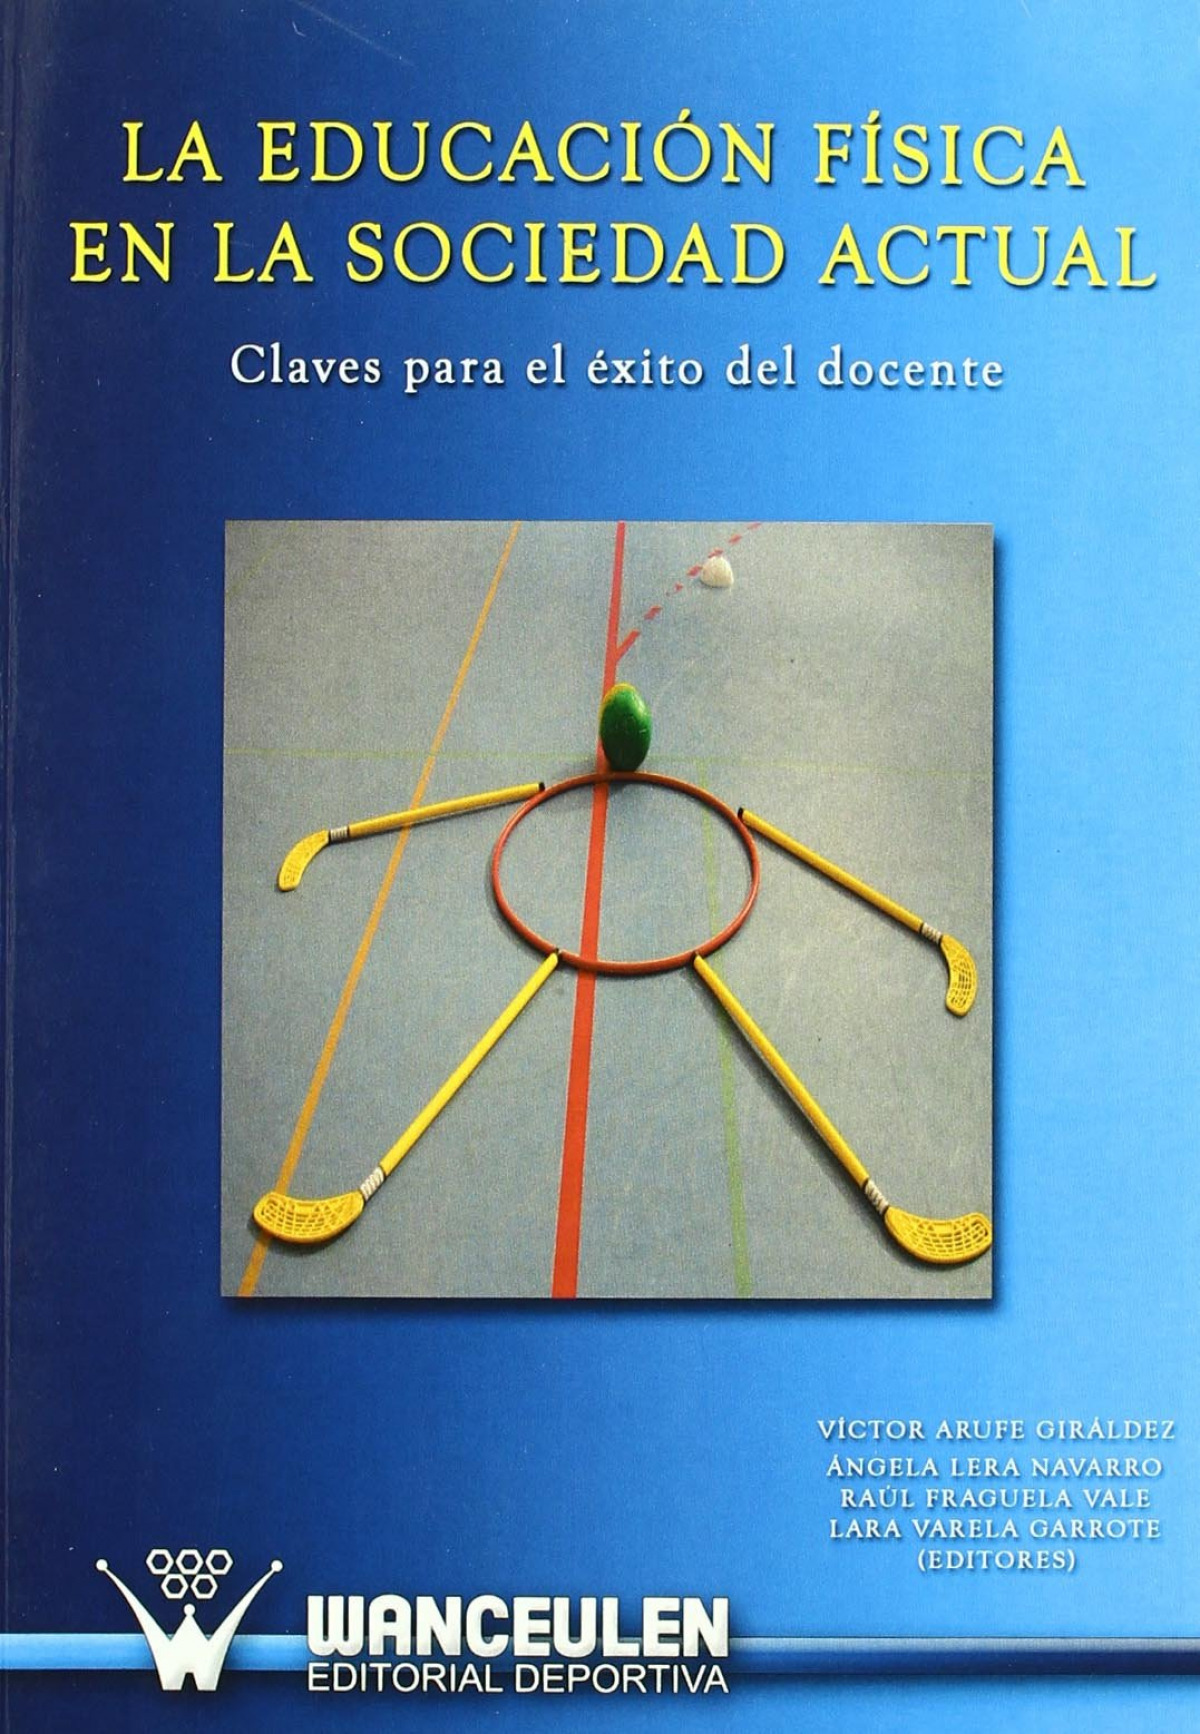 Educacion fisica sociedad actual - Arufe, Victor